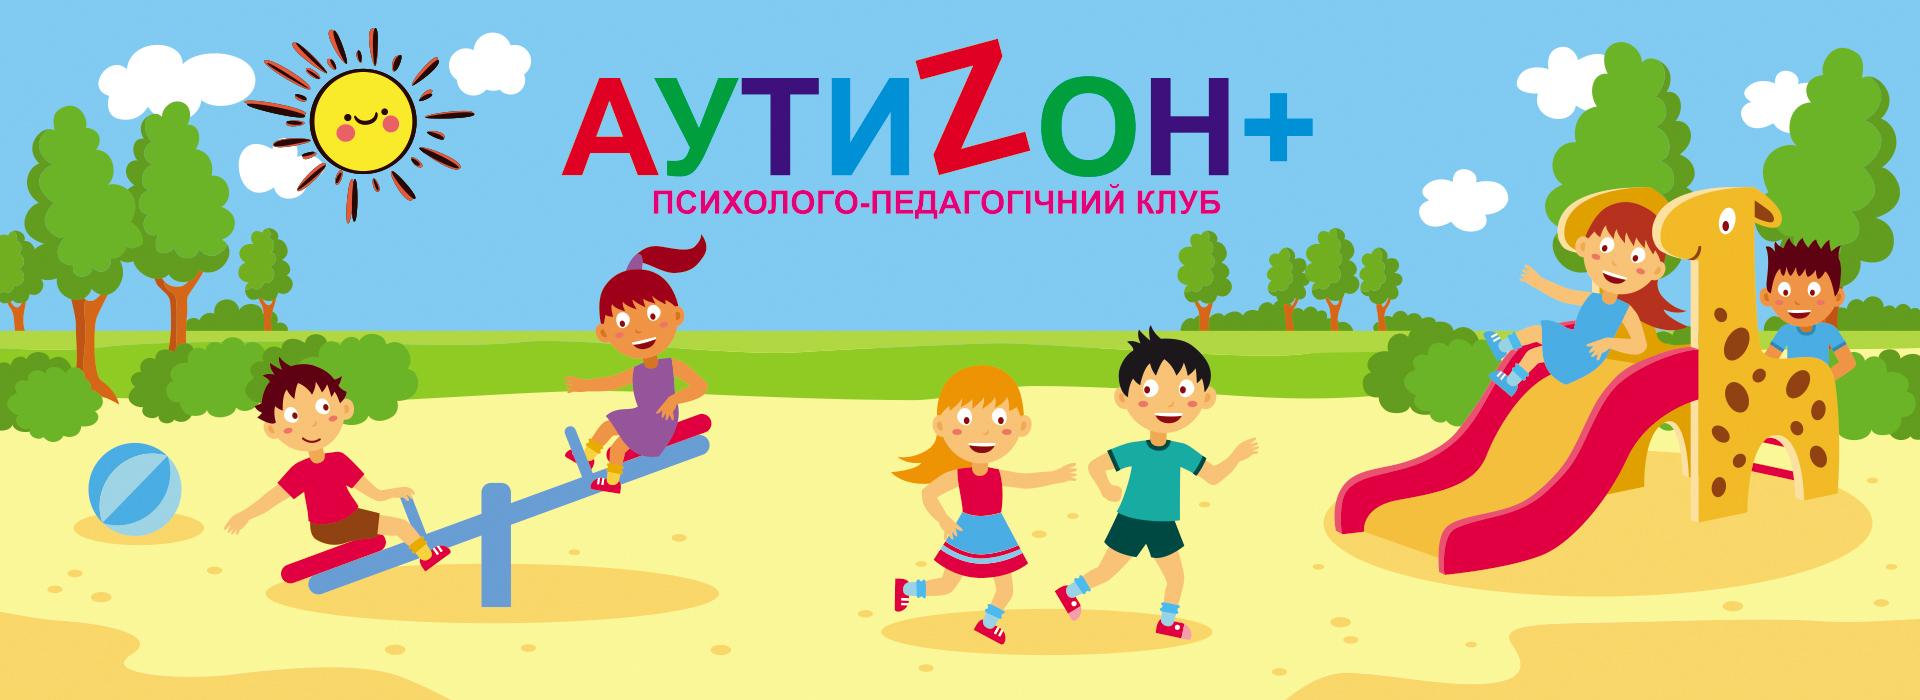 Клуб розвитку для особливих дітей Аутизон в Києві